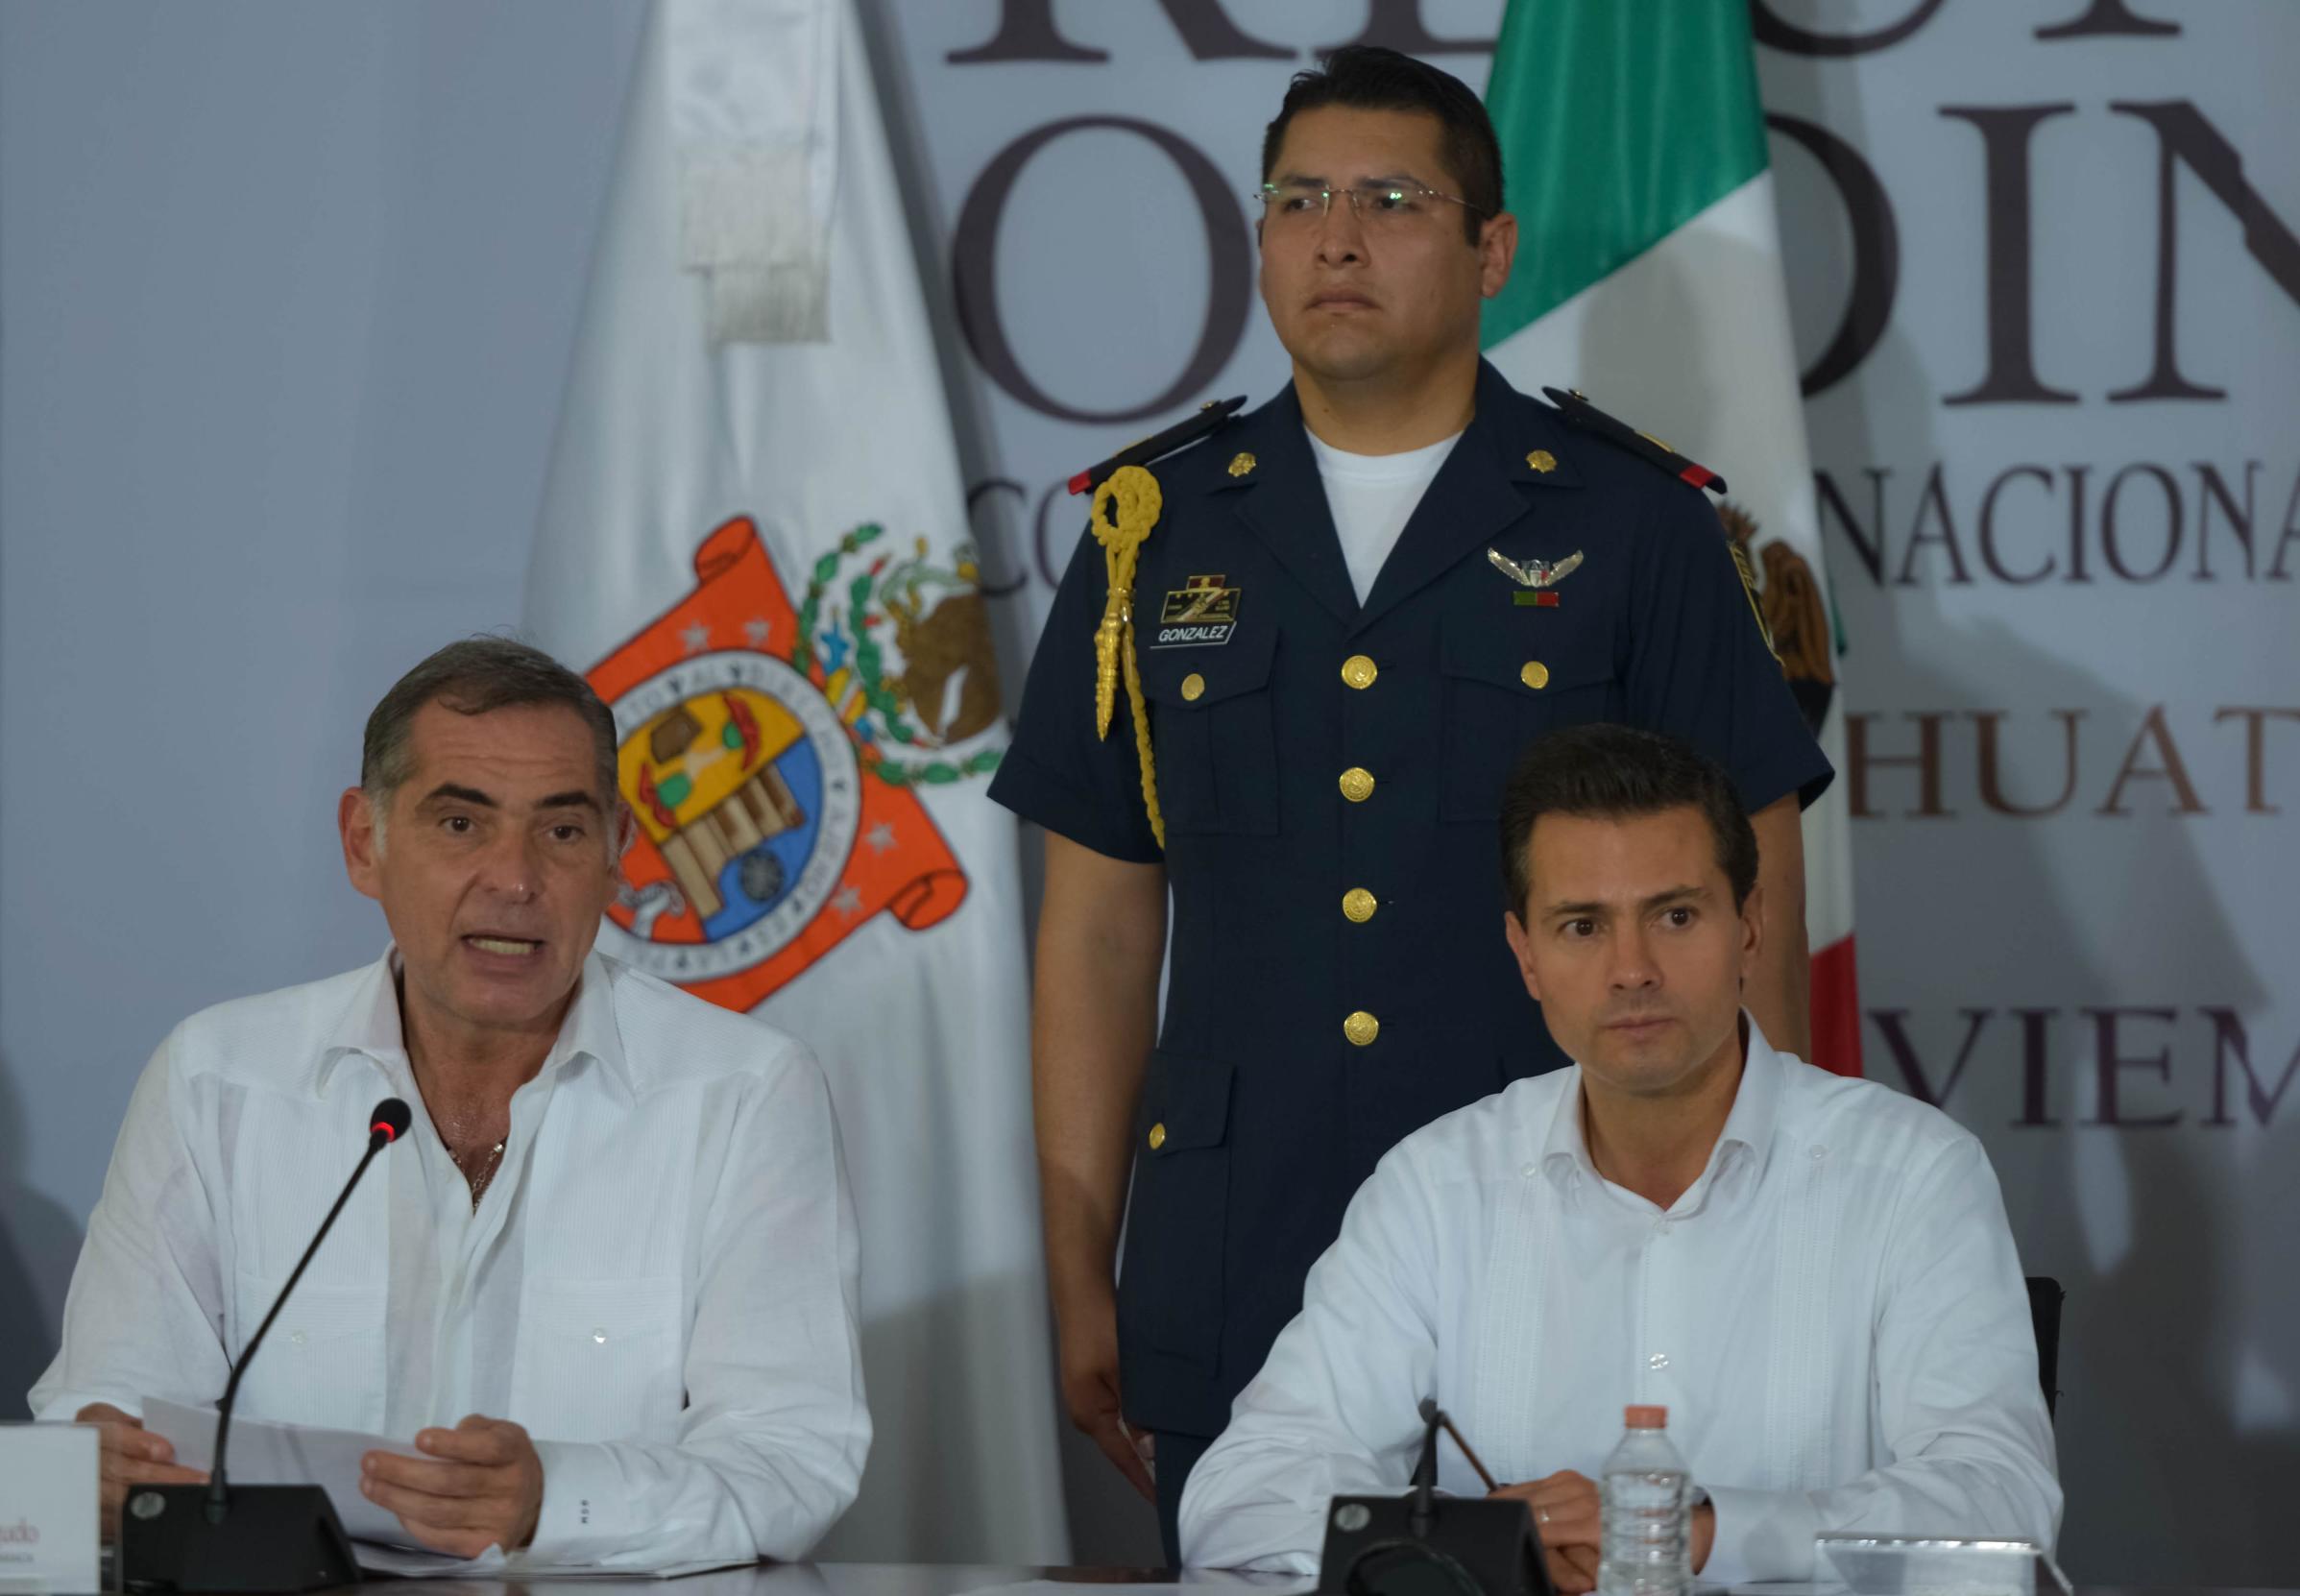 Hago votos para que la CONAGO continúe fortaleciendo su trabajo y contribución para afianzar a México como una Nación próspera, que ofrezca a las y los mexicanos un legado de paz, oportunidades y progreso para todos: Gabino Cué